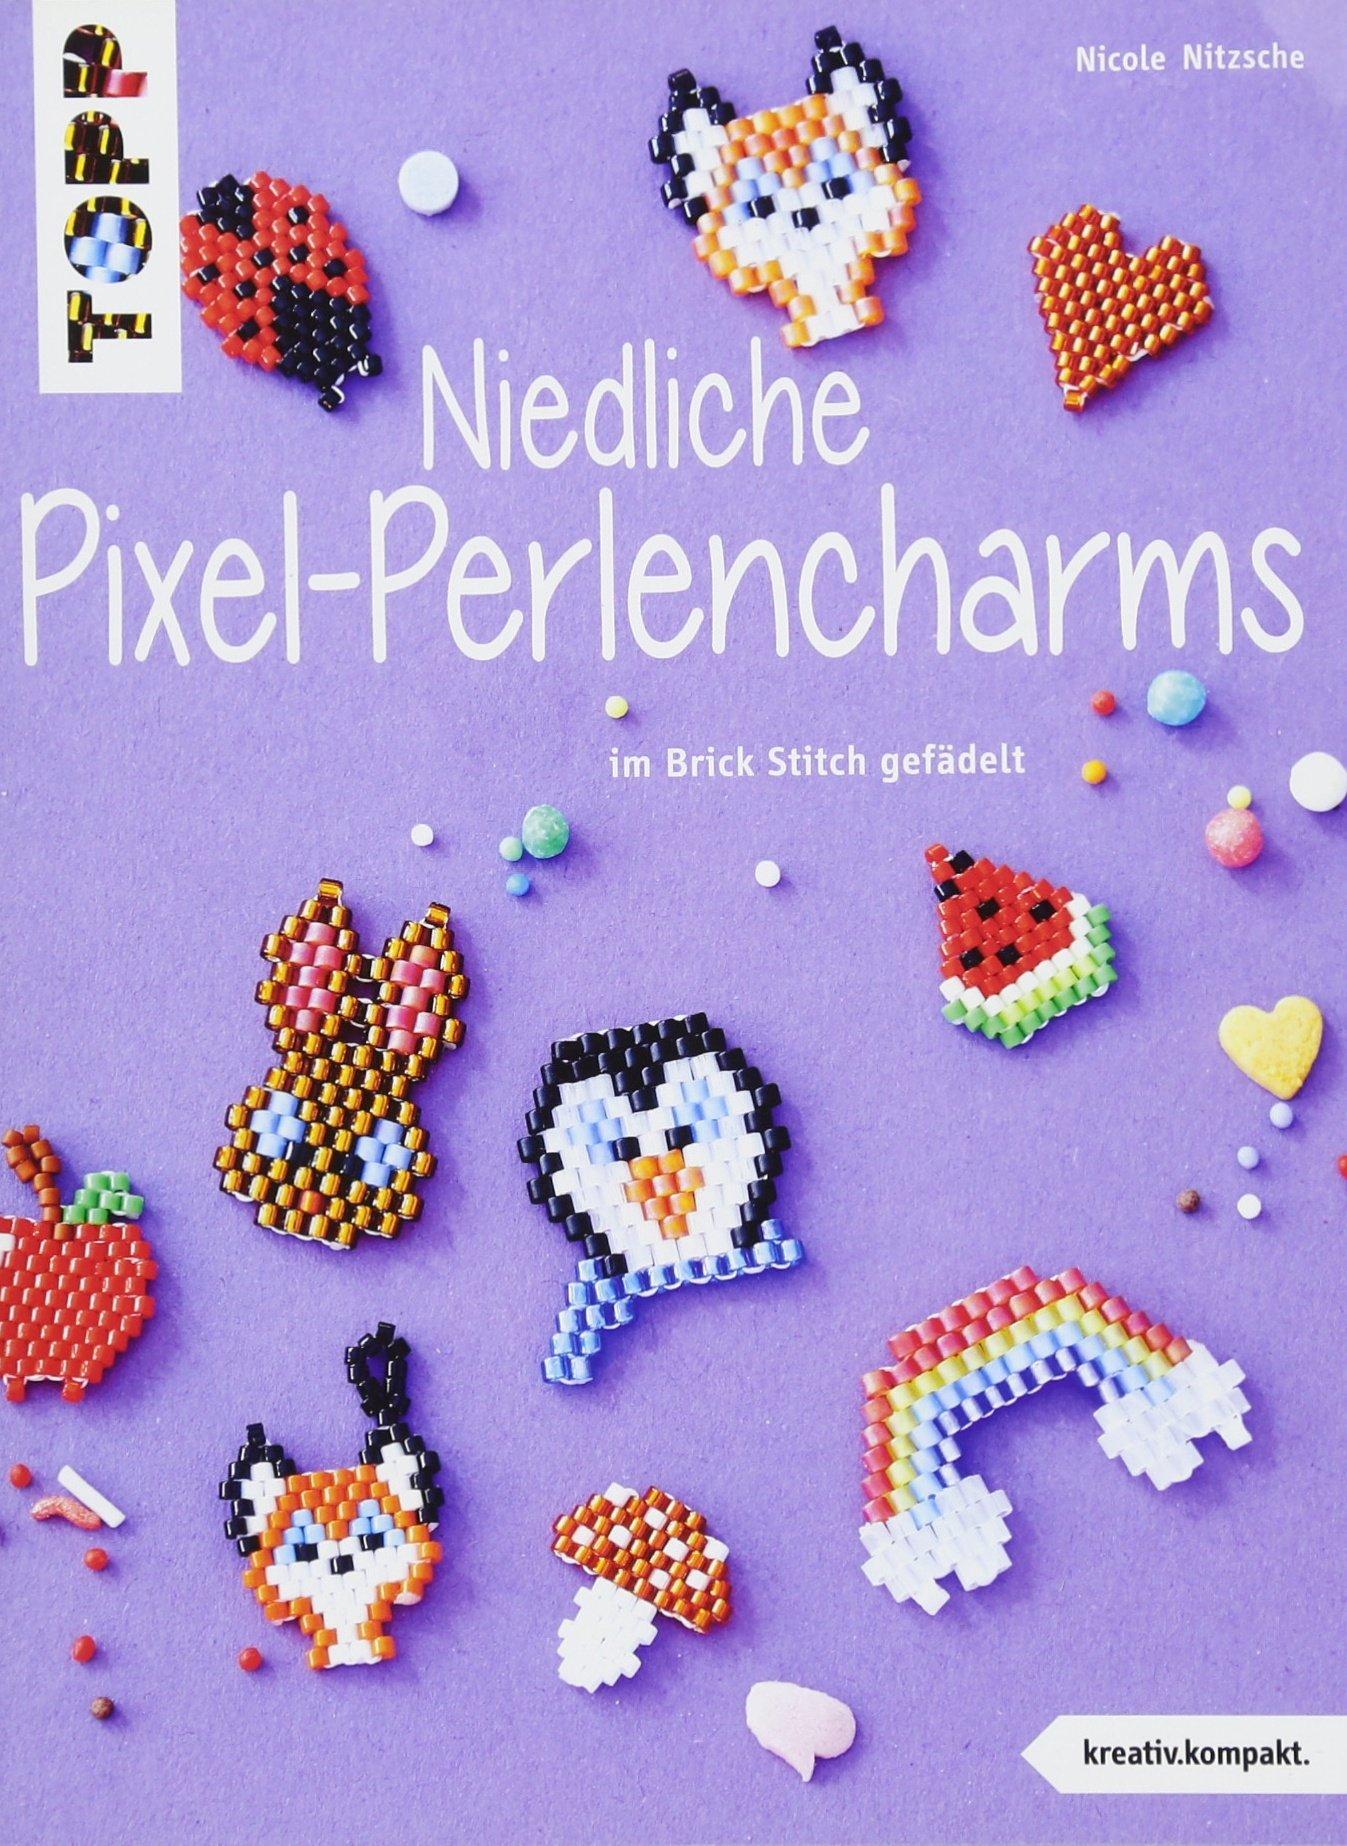 Niedliche Pixel-Perlencharms (kreativ.kompakt.): im Brick Stitch gefädelt